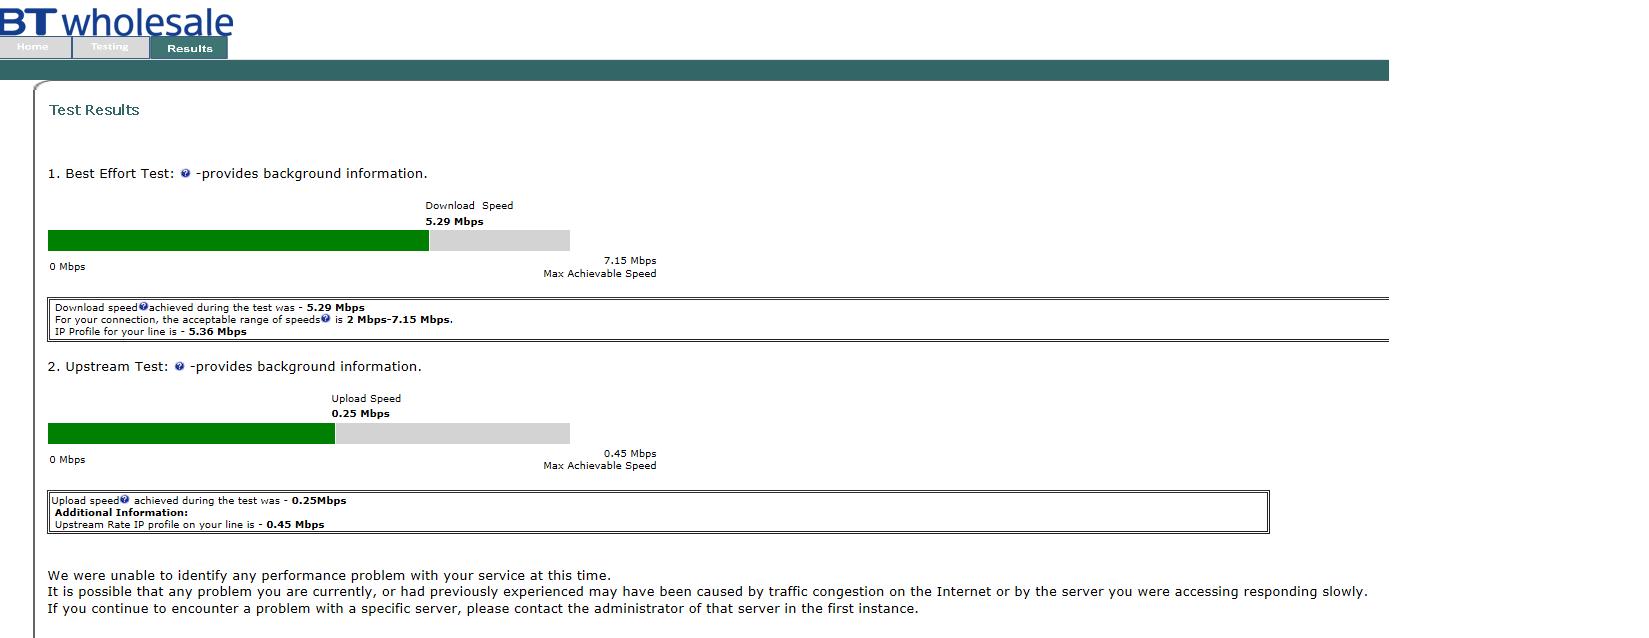 BT further diagnostics 110713 part 2.png